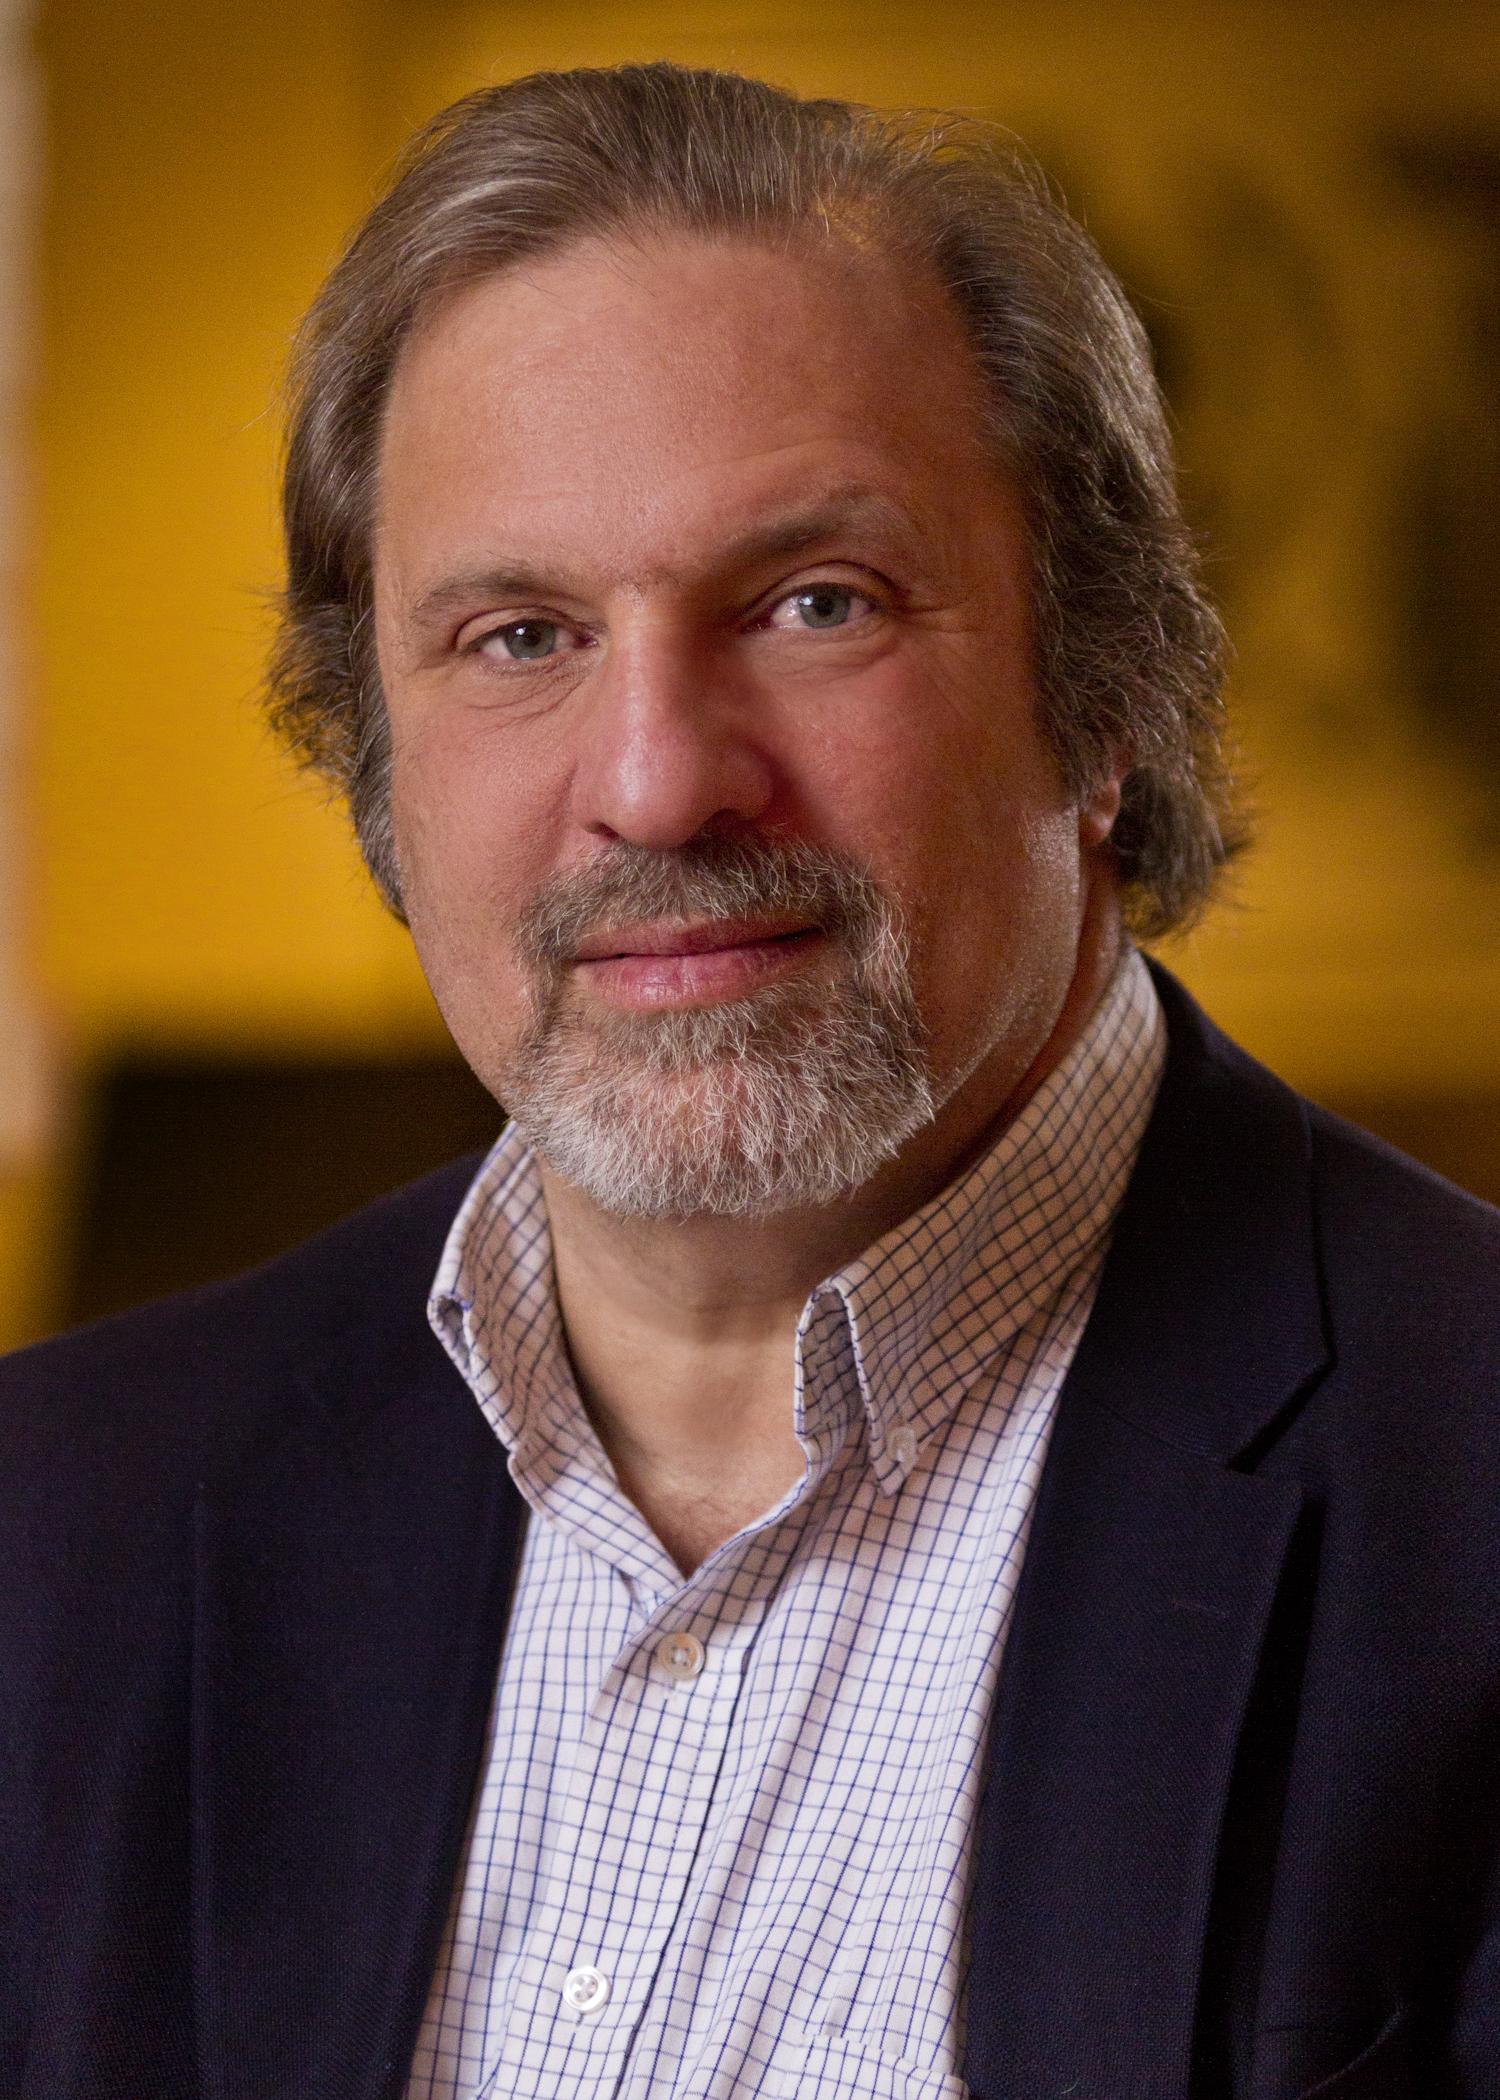 Headshot of Dr. Thomas Mellman